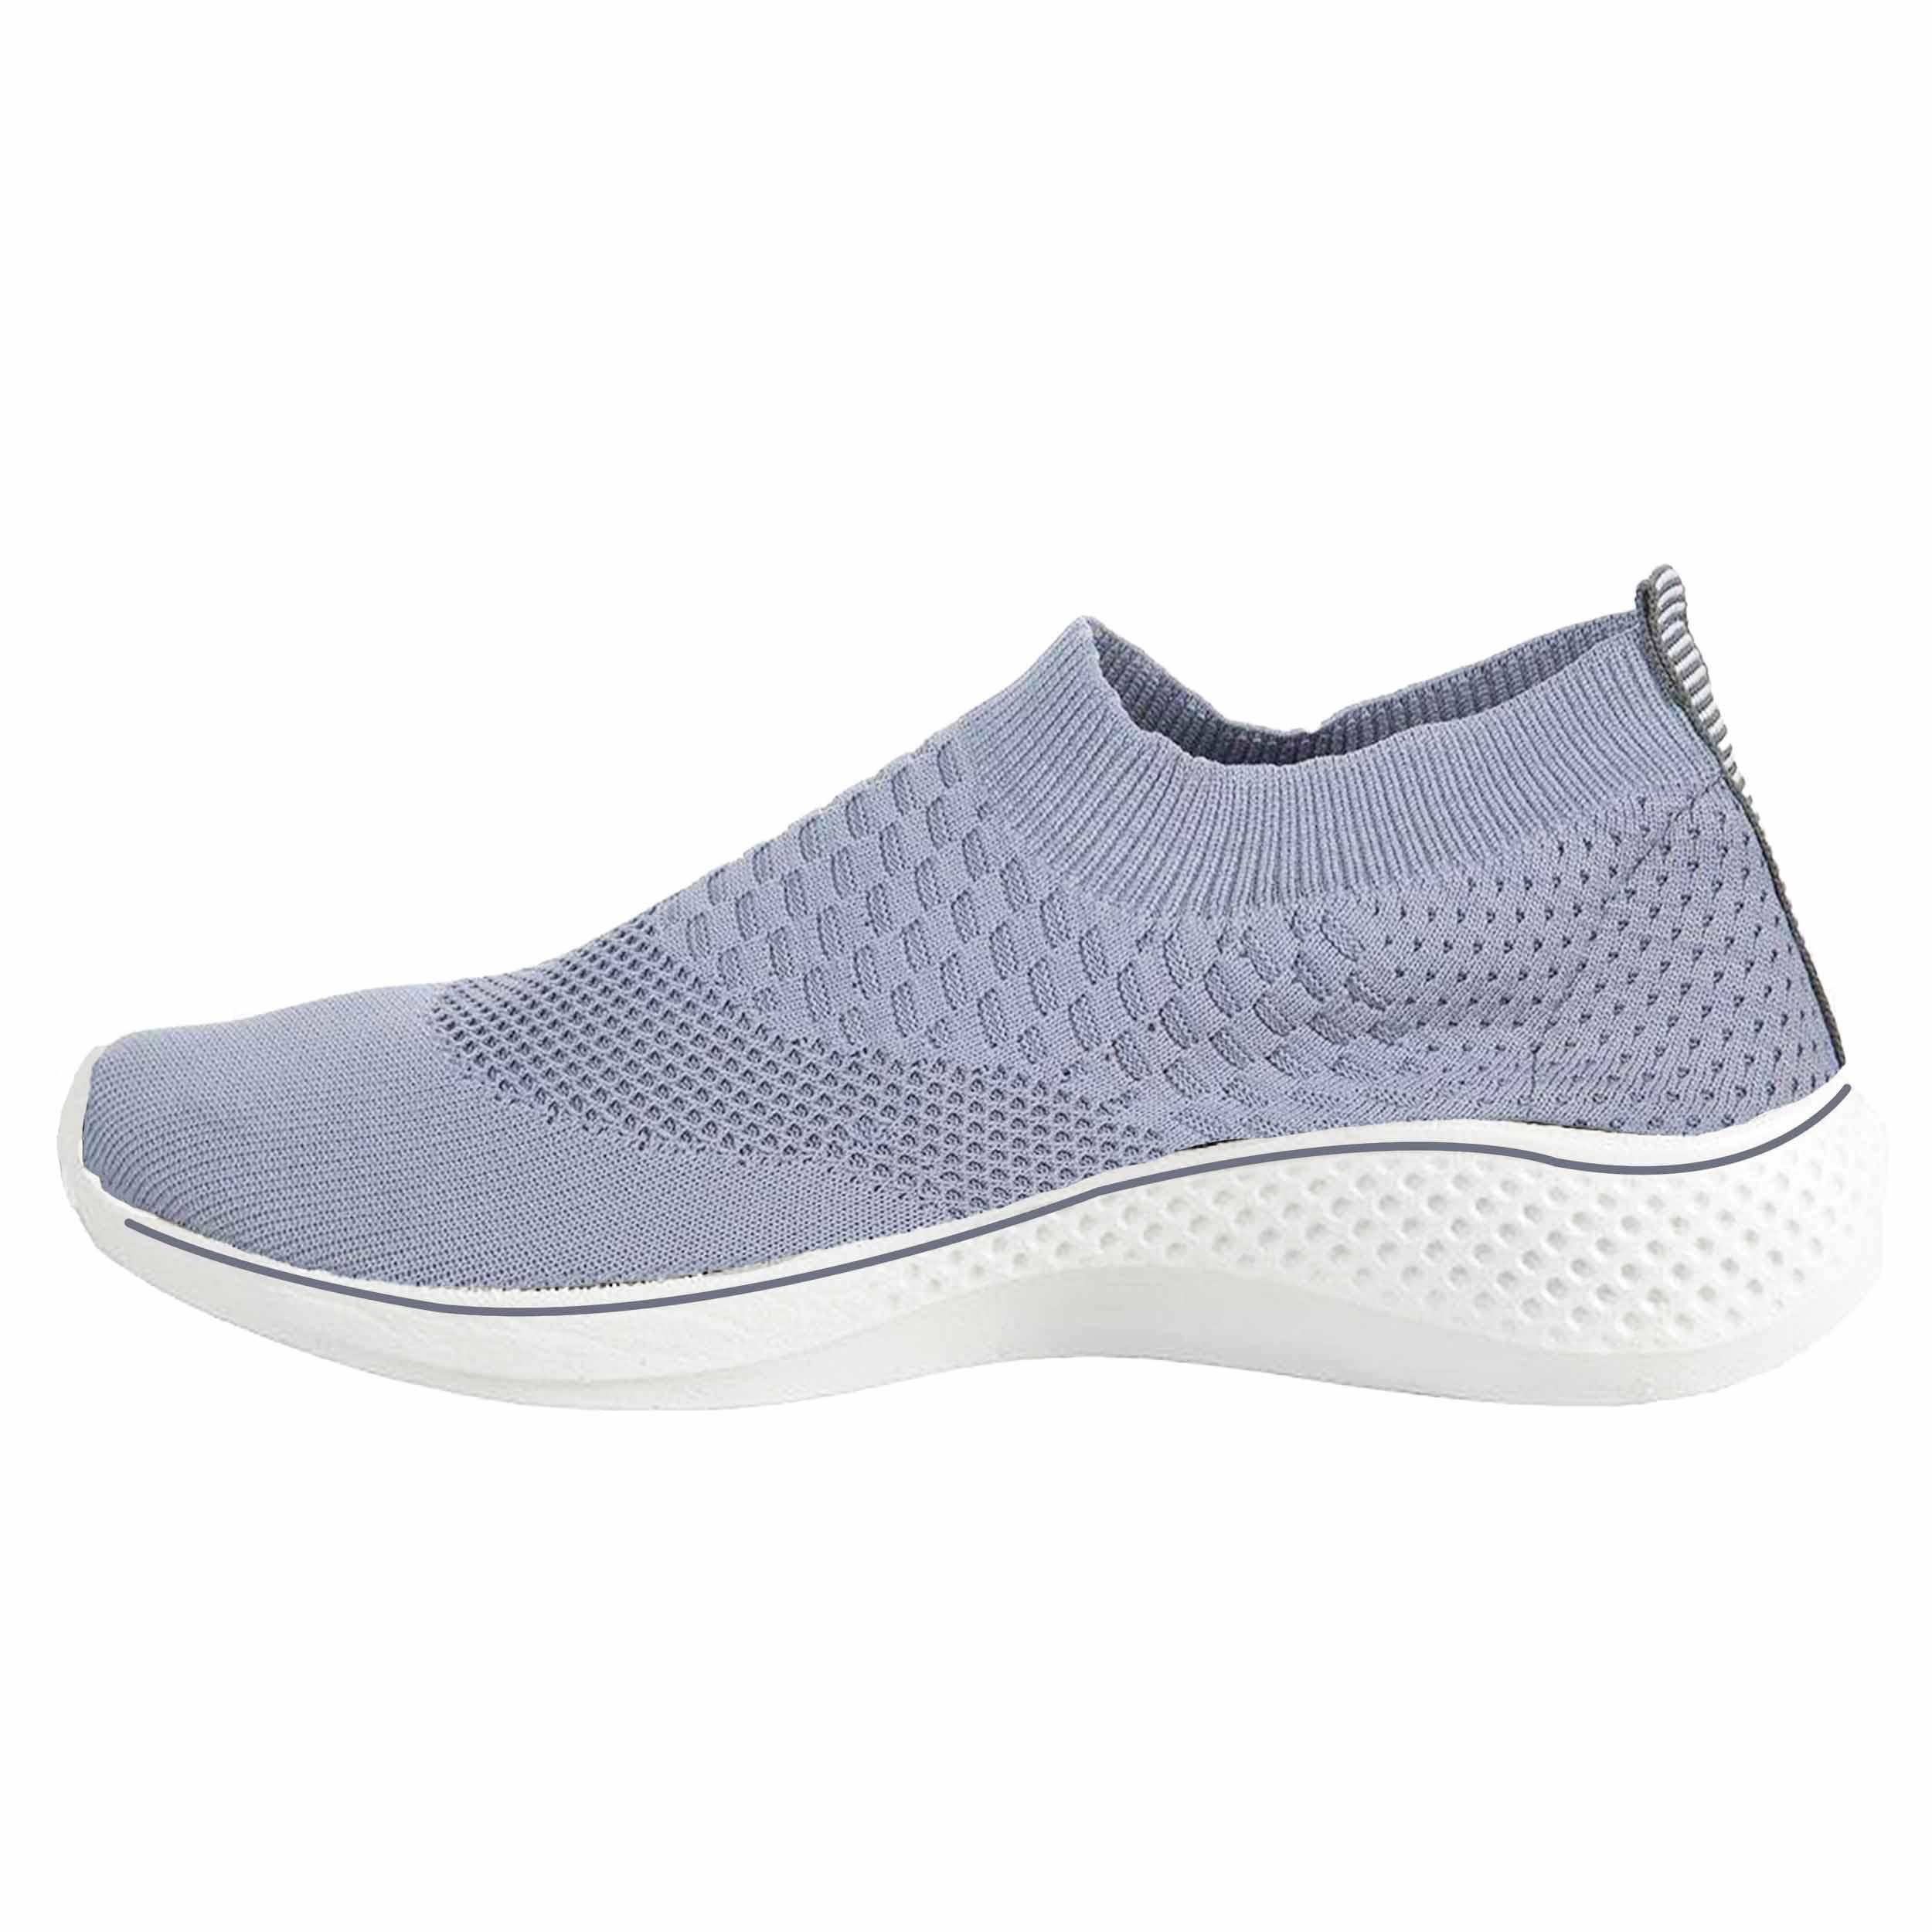 خرید کفش مخصوص پیاده روی زنانه نسیم مدل پاریس میانه کد W304